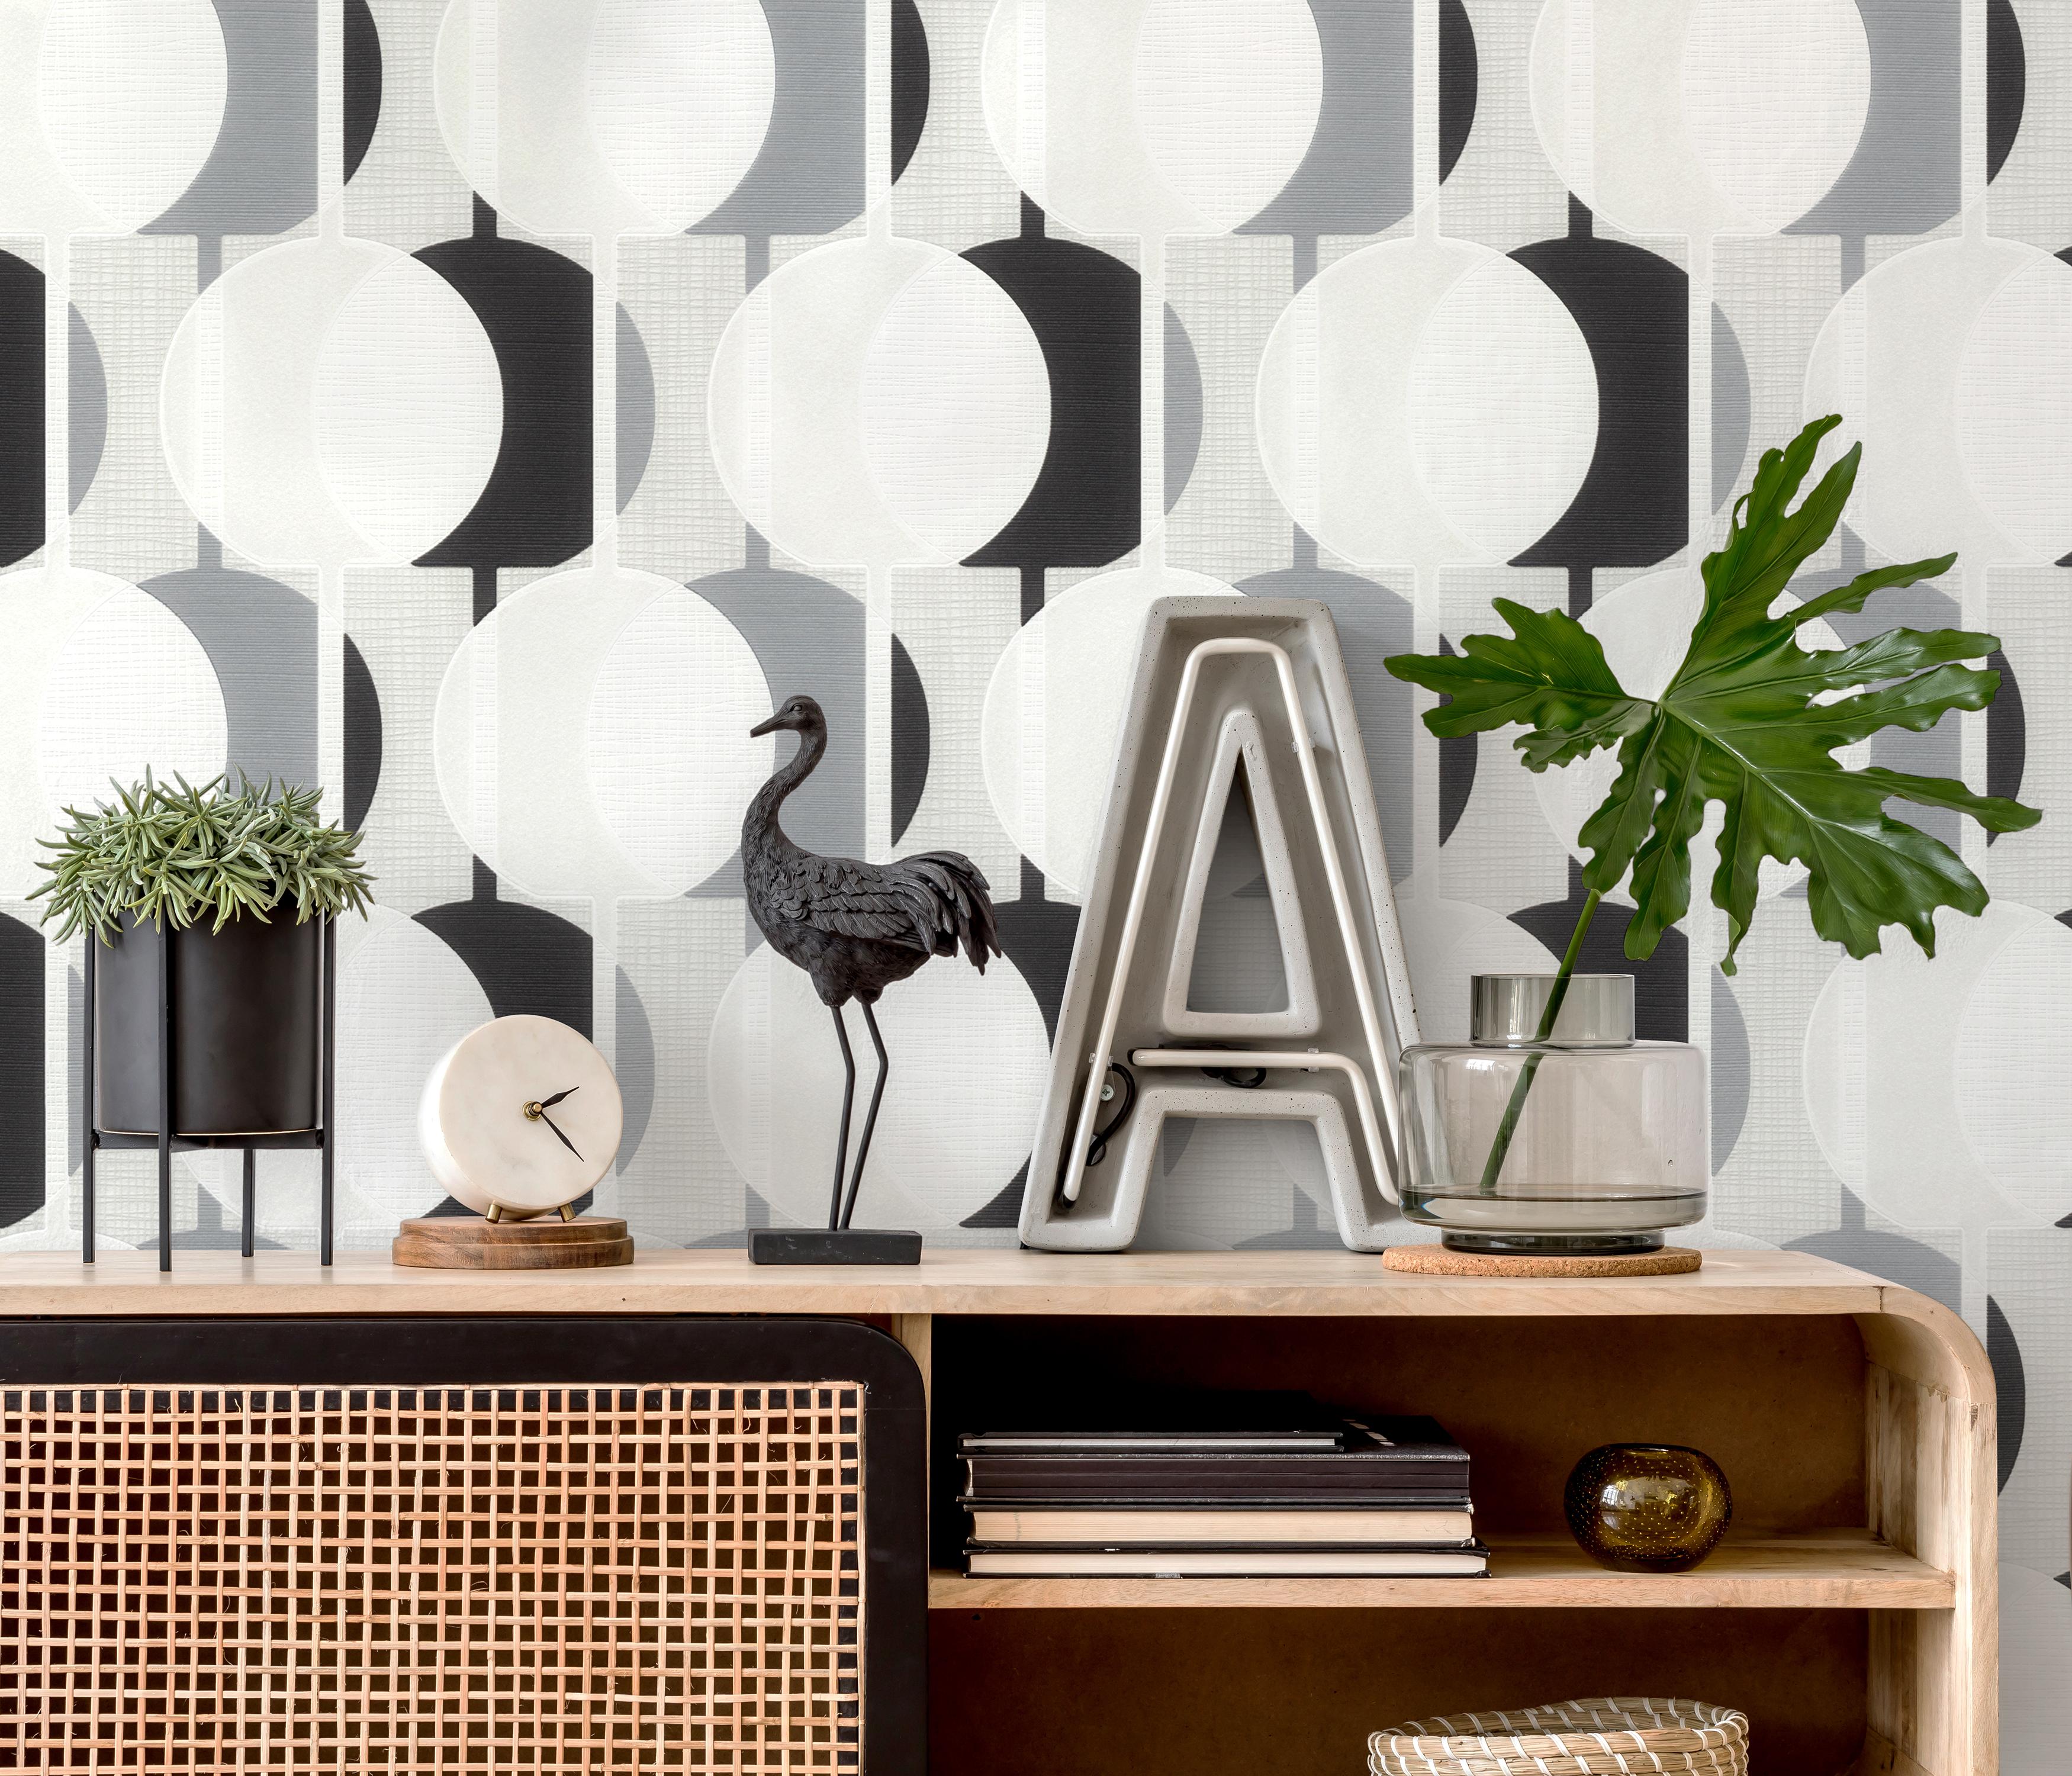 Detailbild mit moderner Retro-Tapete in schwarz-weiß